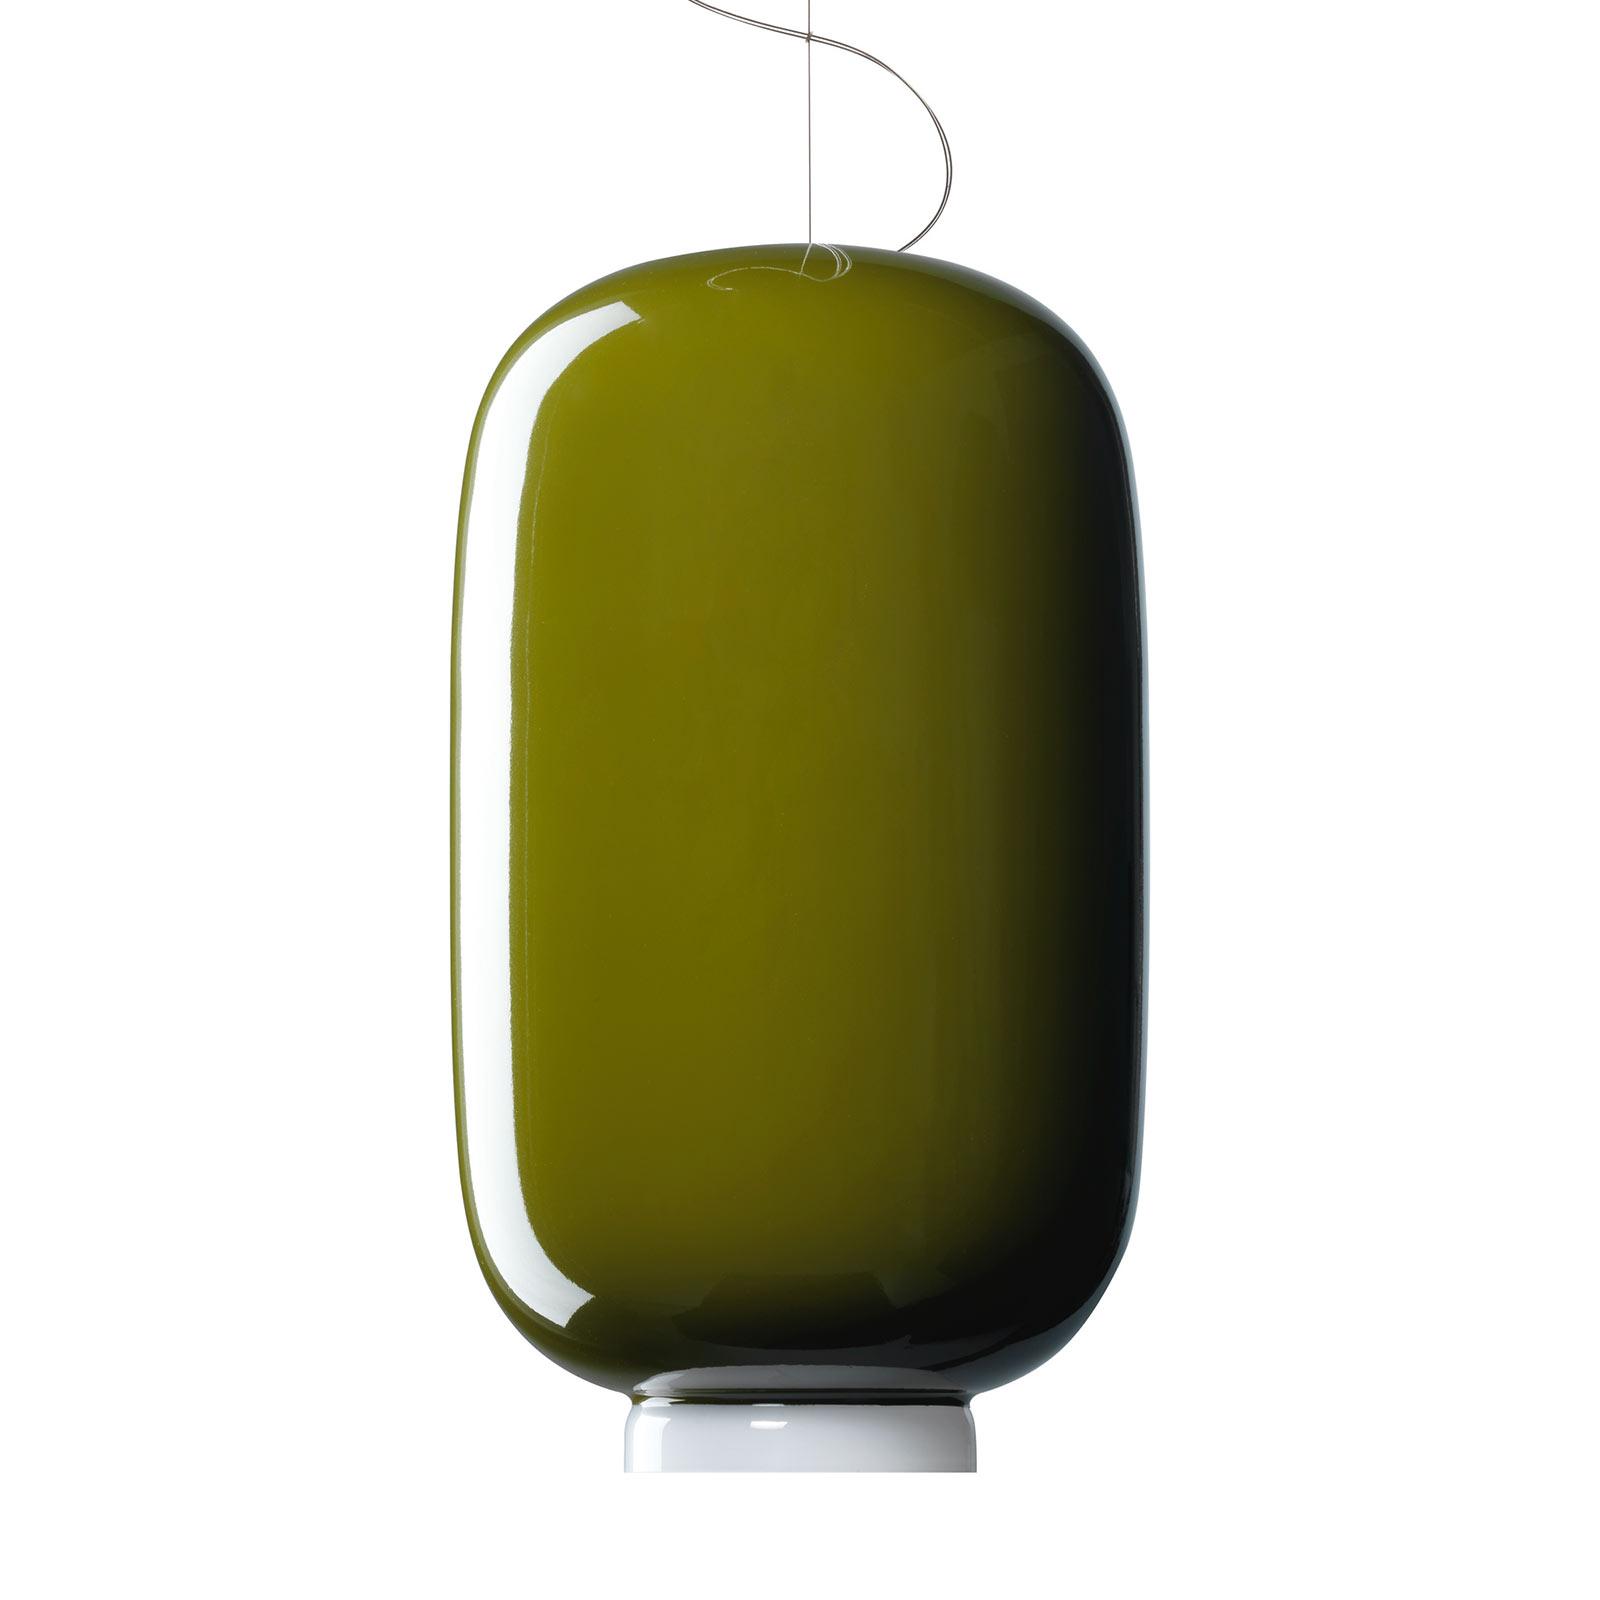 Foscarini MyLight Chouchin 2 -LED-riippuvalaisin